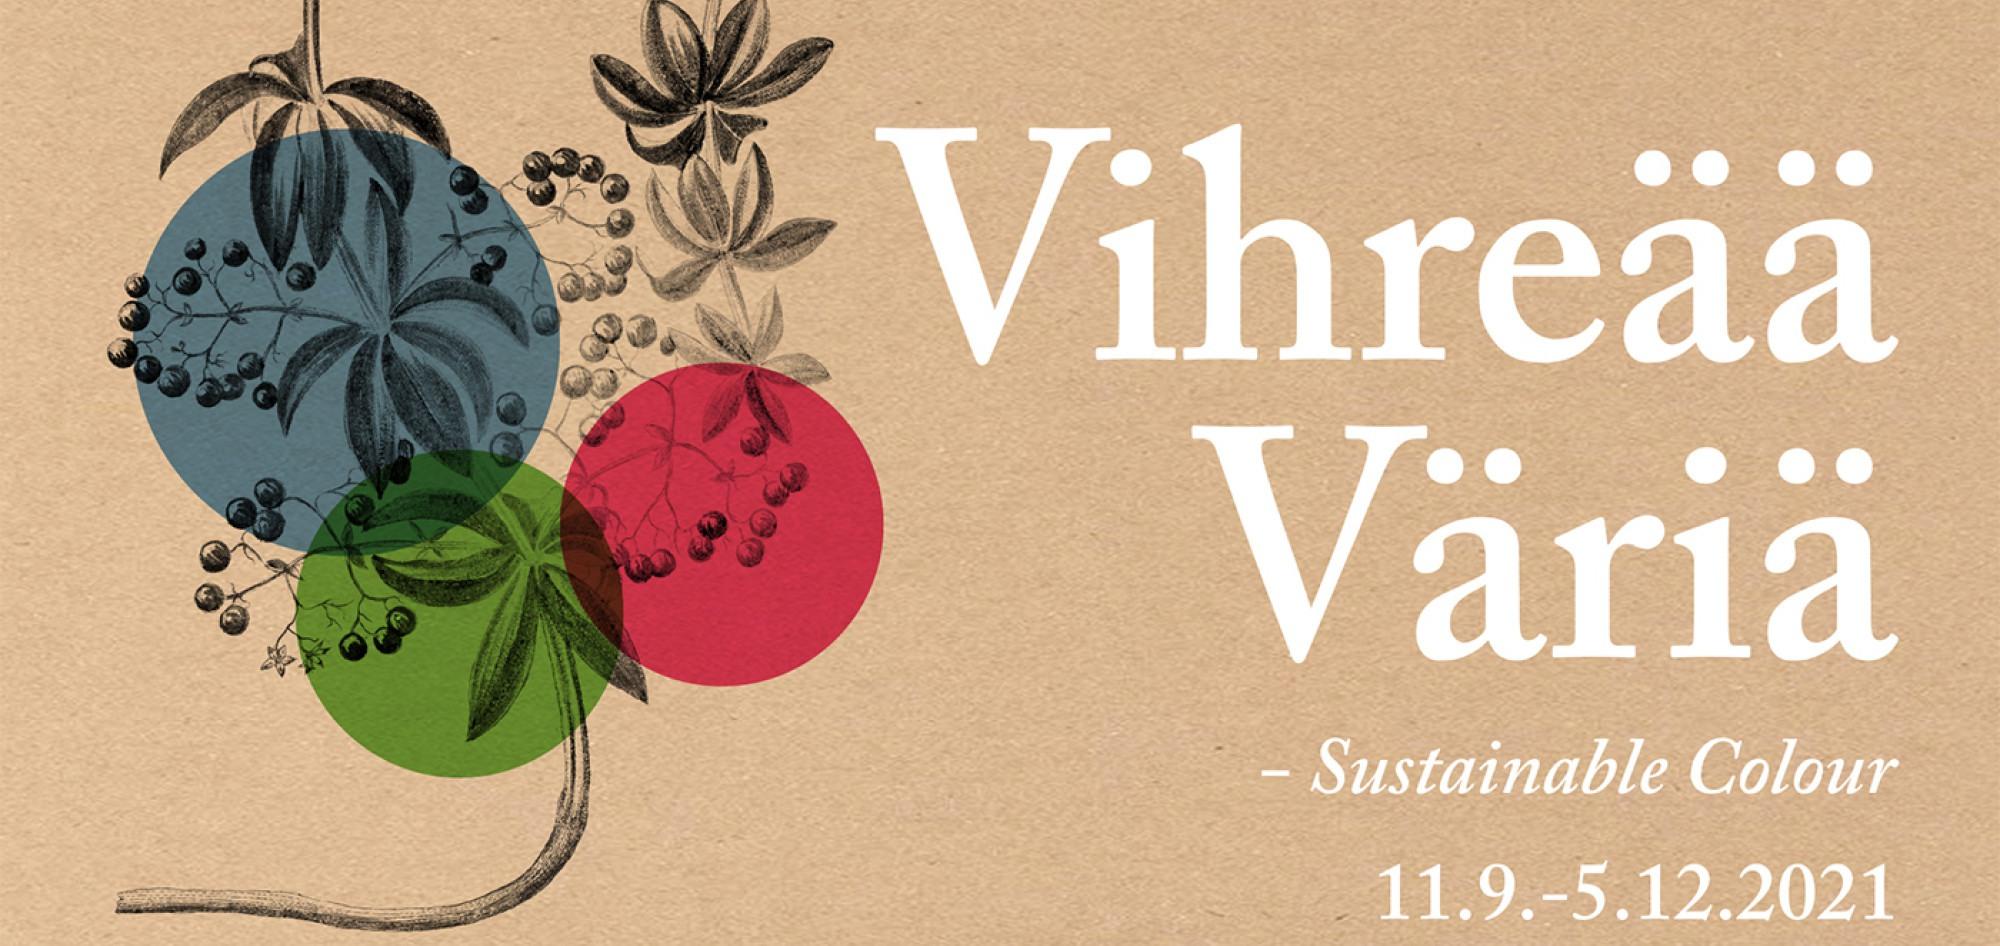 Cover for article 'Vihreää väriä -näyttely Suomen käsityön museossa 11.9.-5.12.2021'